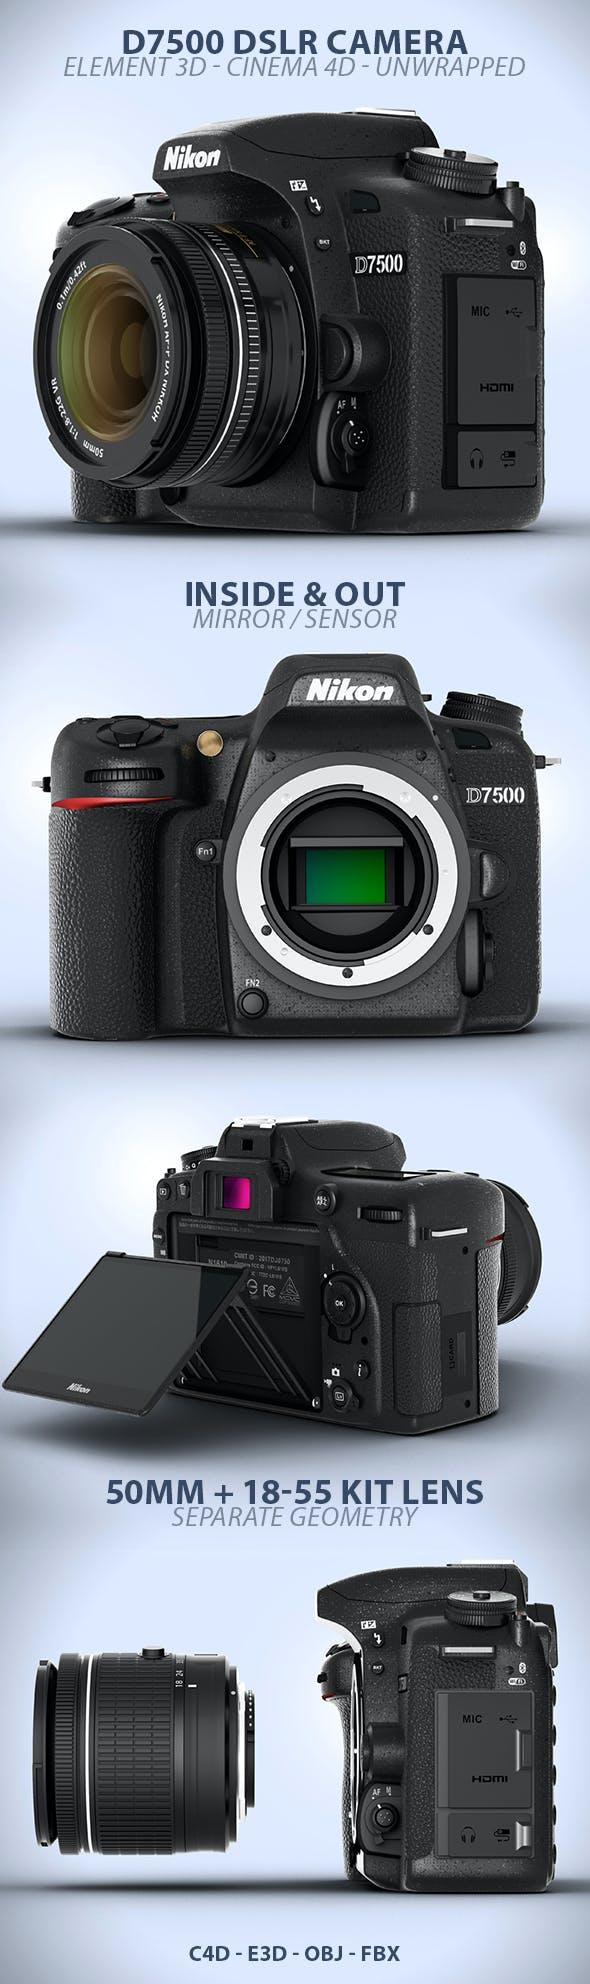 D7500 DSLR Digital Camera Element 3D Model - 3DOcean Item for Sale